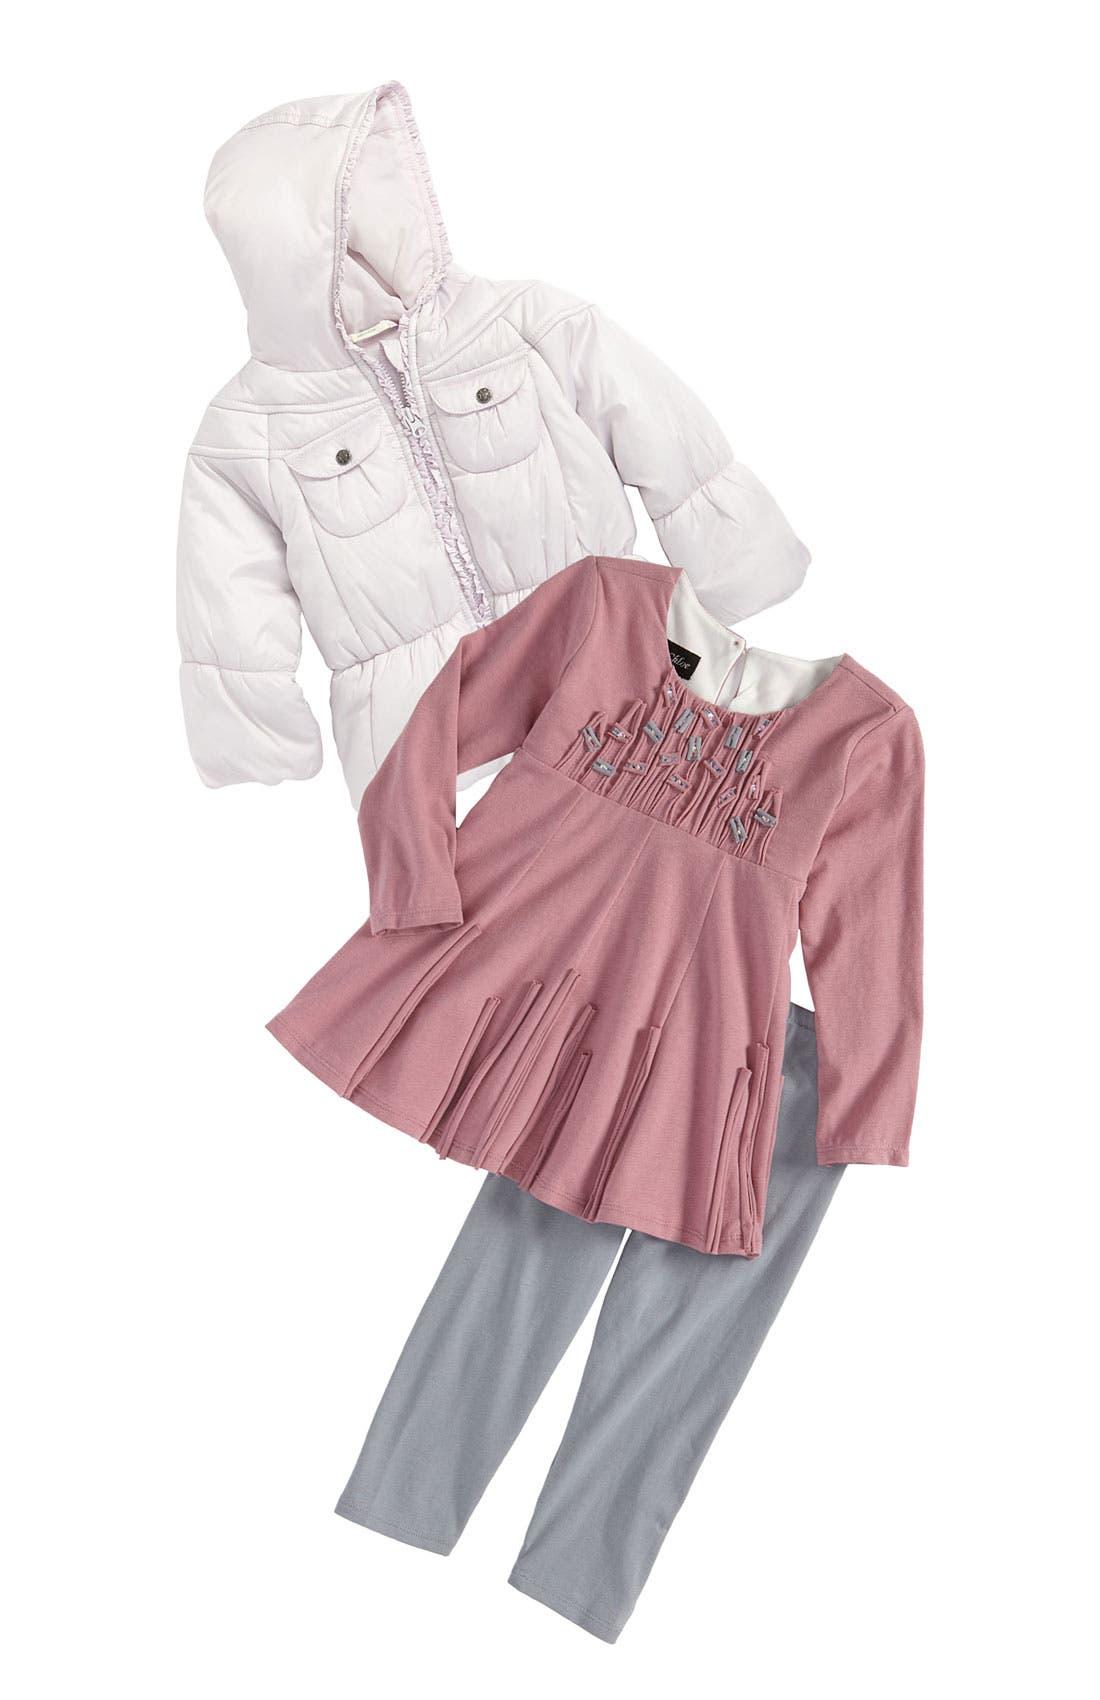 Alternate Image 1 Selected - Isobella & Chloe Dress & Leggings (Infant)